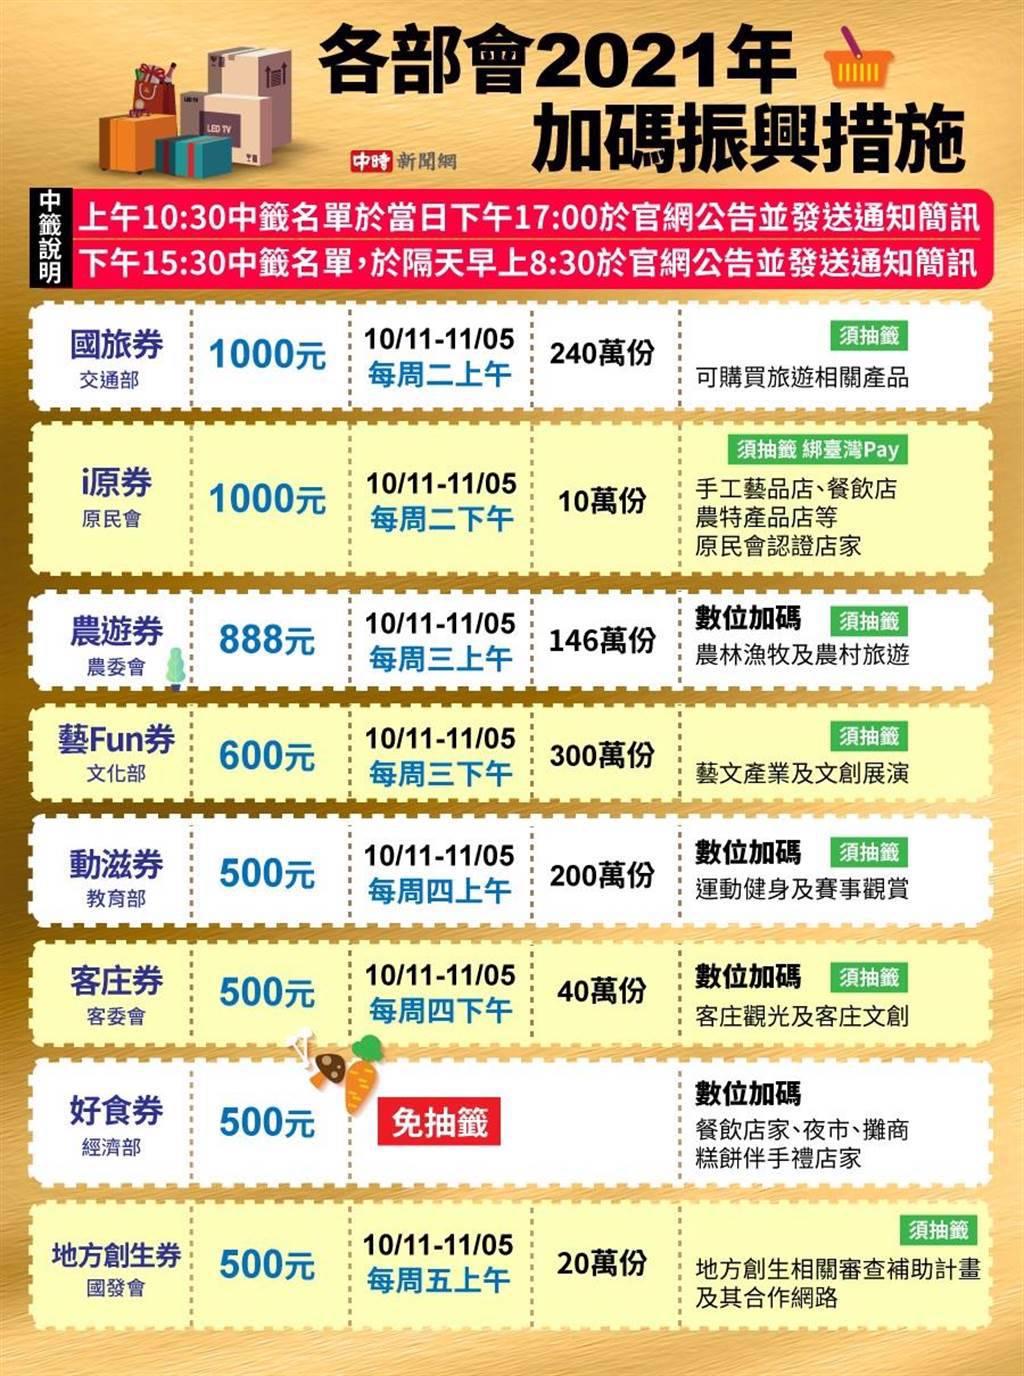 各加碼券抽籤時間。其中「好食券」為10/29前數位綁定者皆可獲得。(製圖/中時新聞網陳友齡)